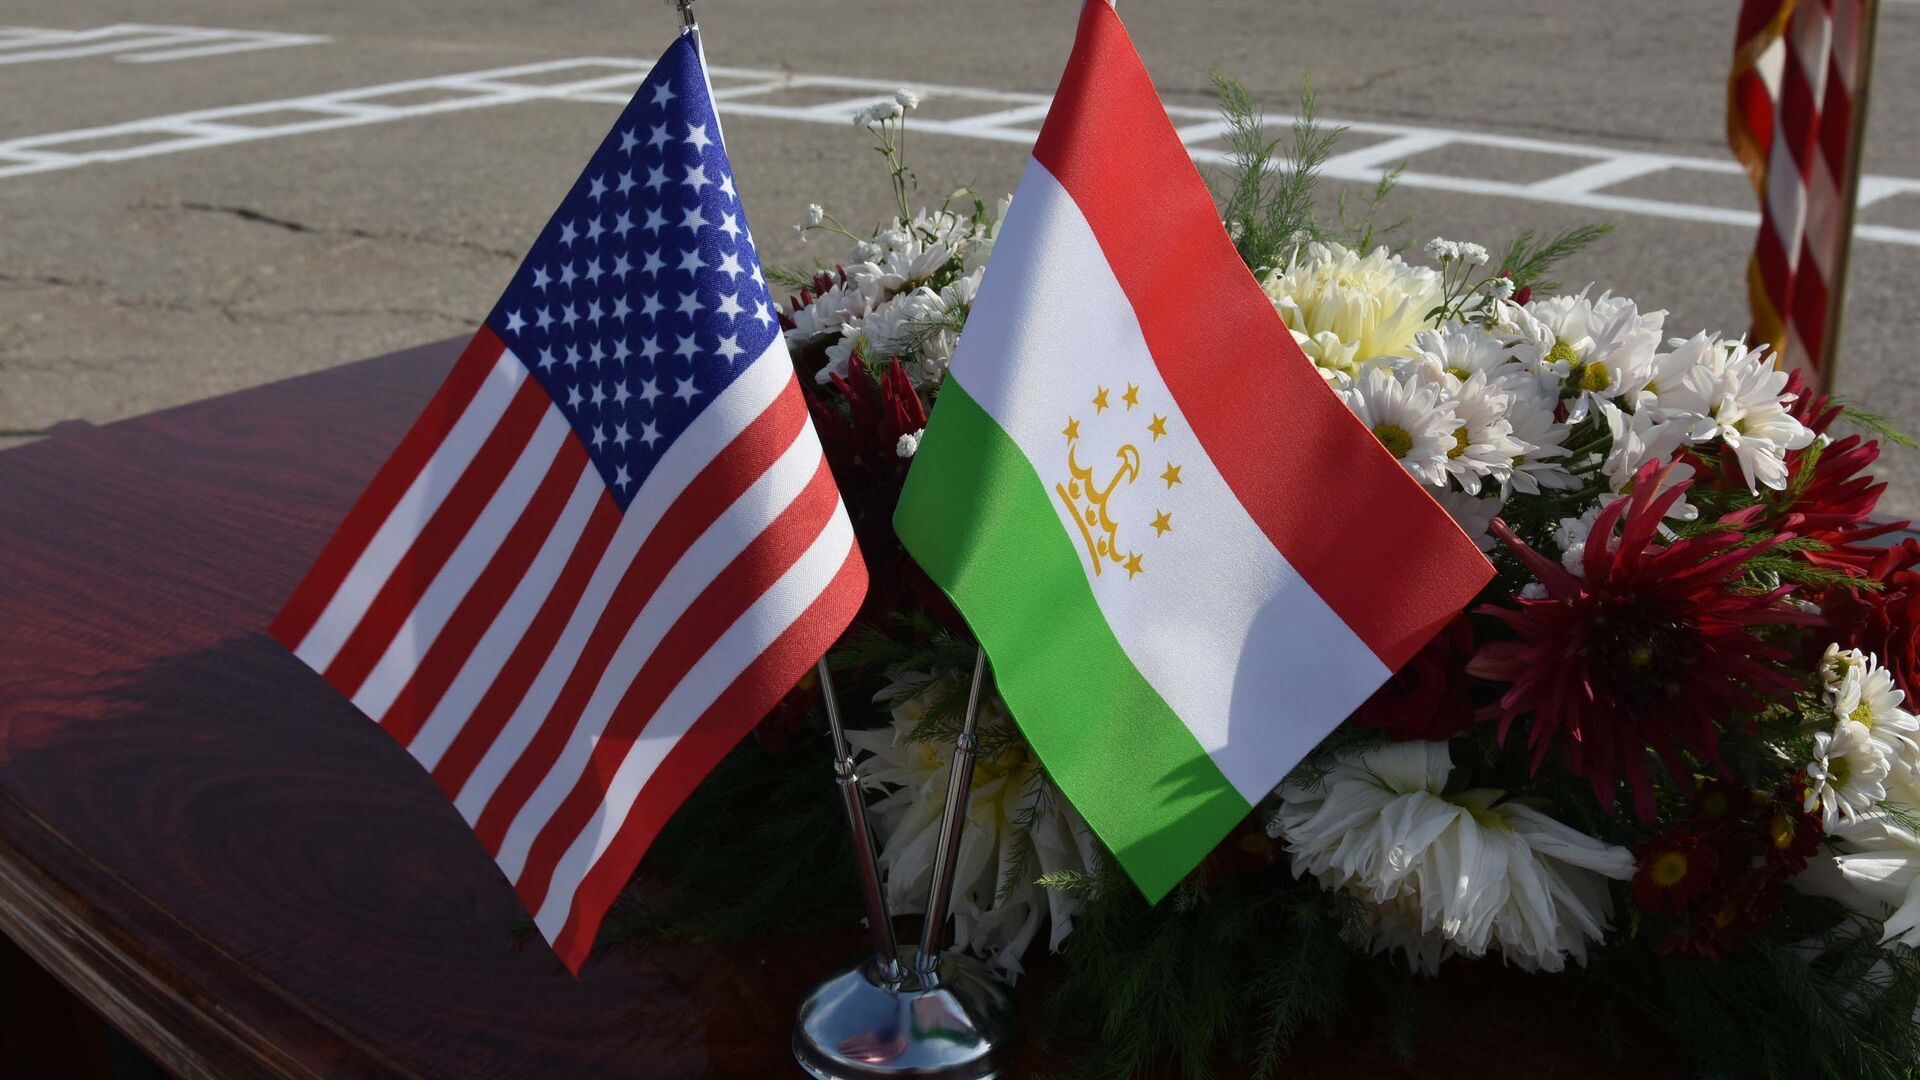 Флаги Таджикистана и США - Sputnik Таджикистан, 1920, 09.09.2021